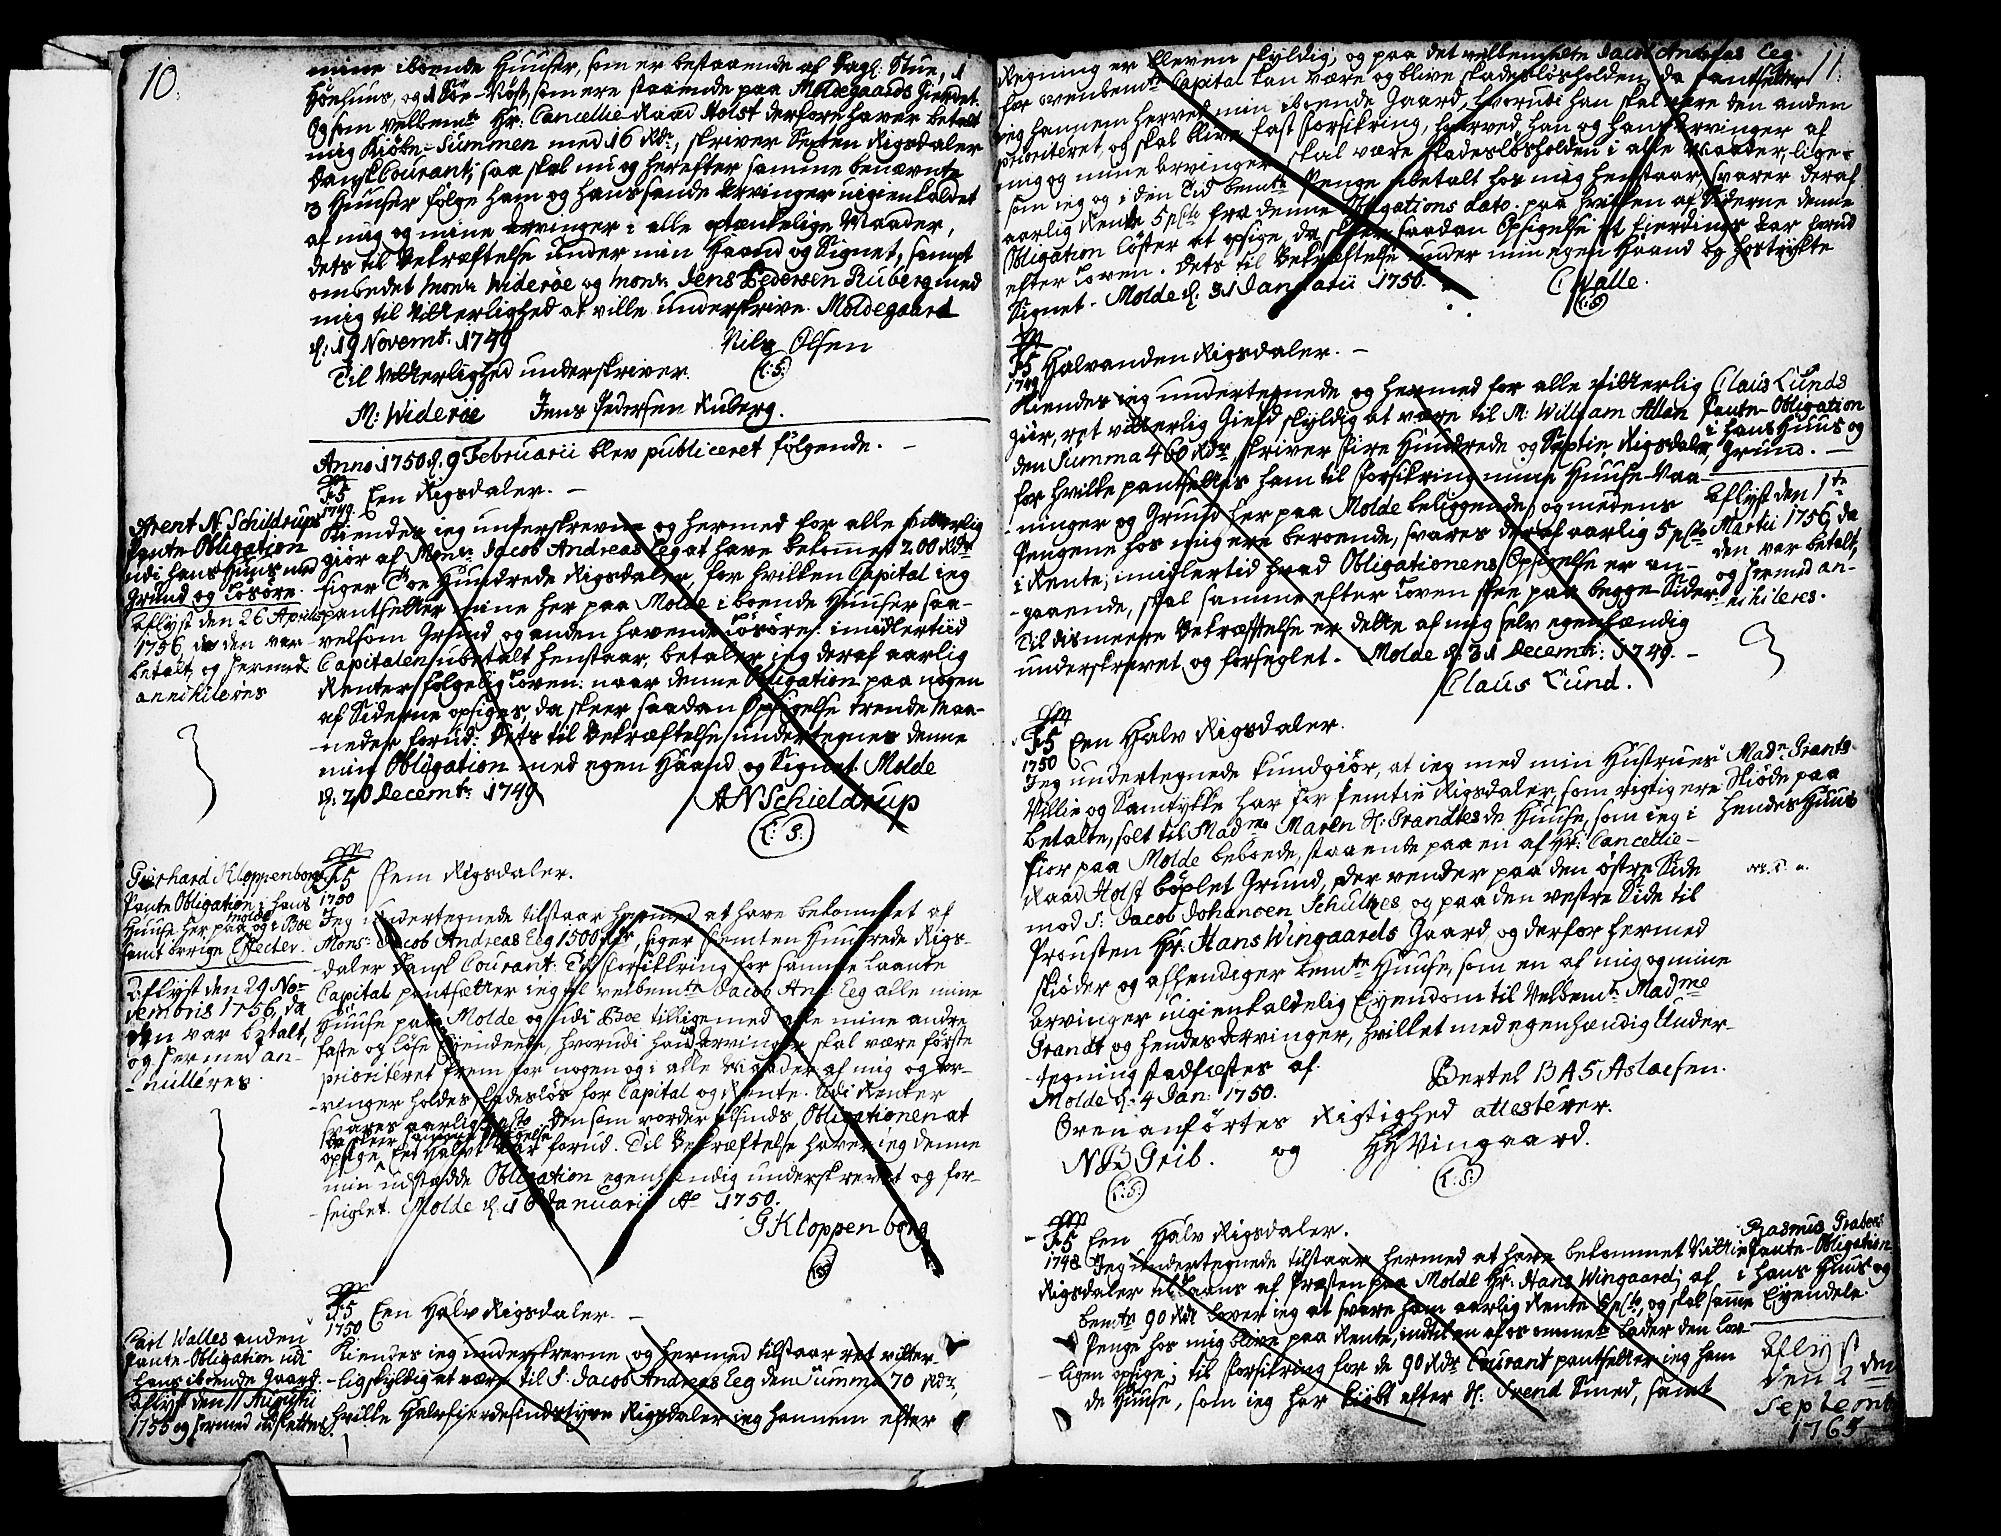 SAT, Molde byfogd, 2/2C/L0001: Pantebok nr. 1, 1748-1823, s. 10-11